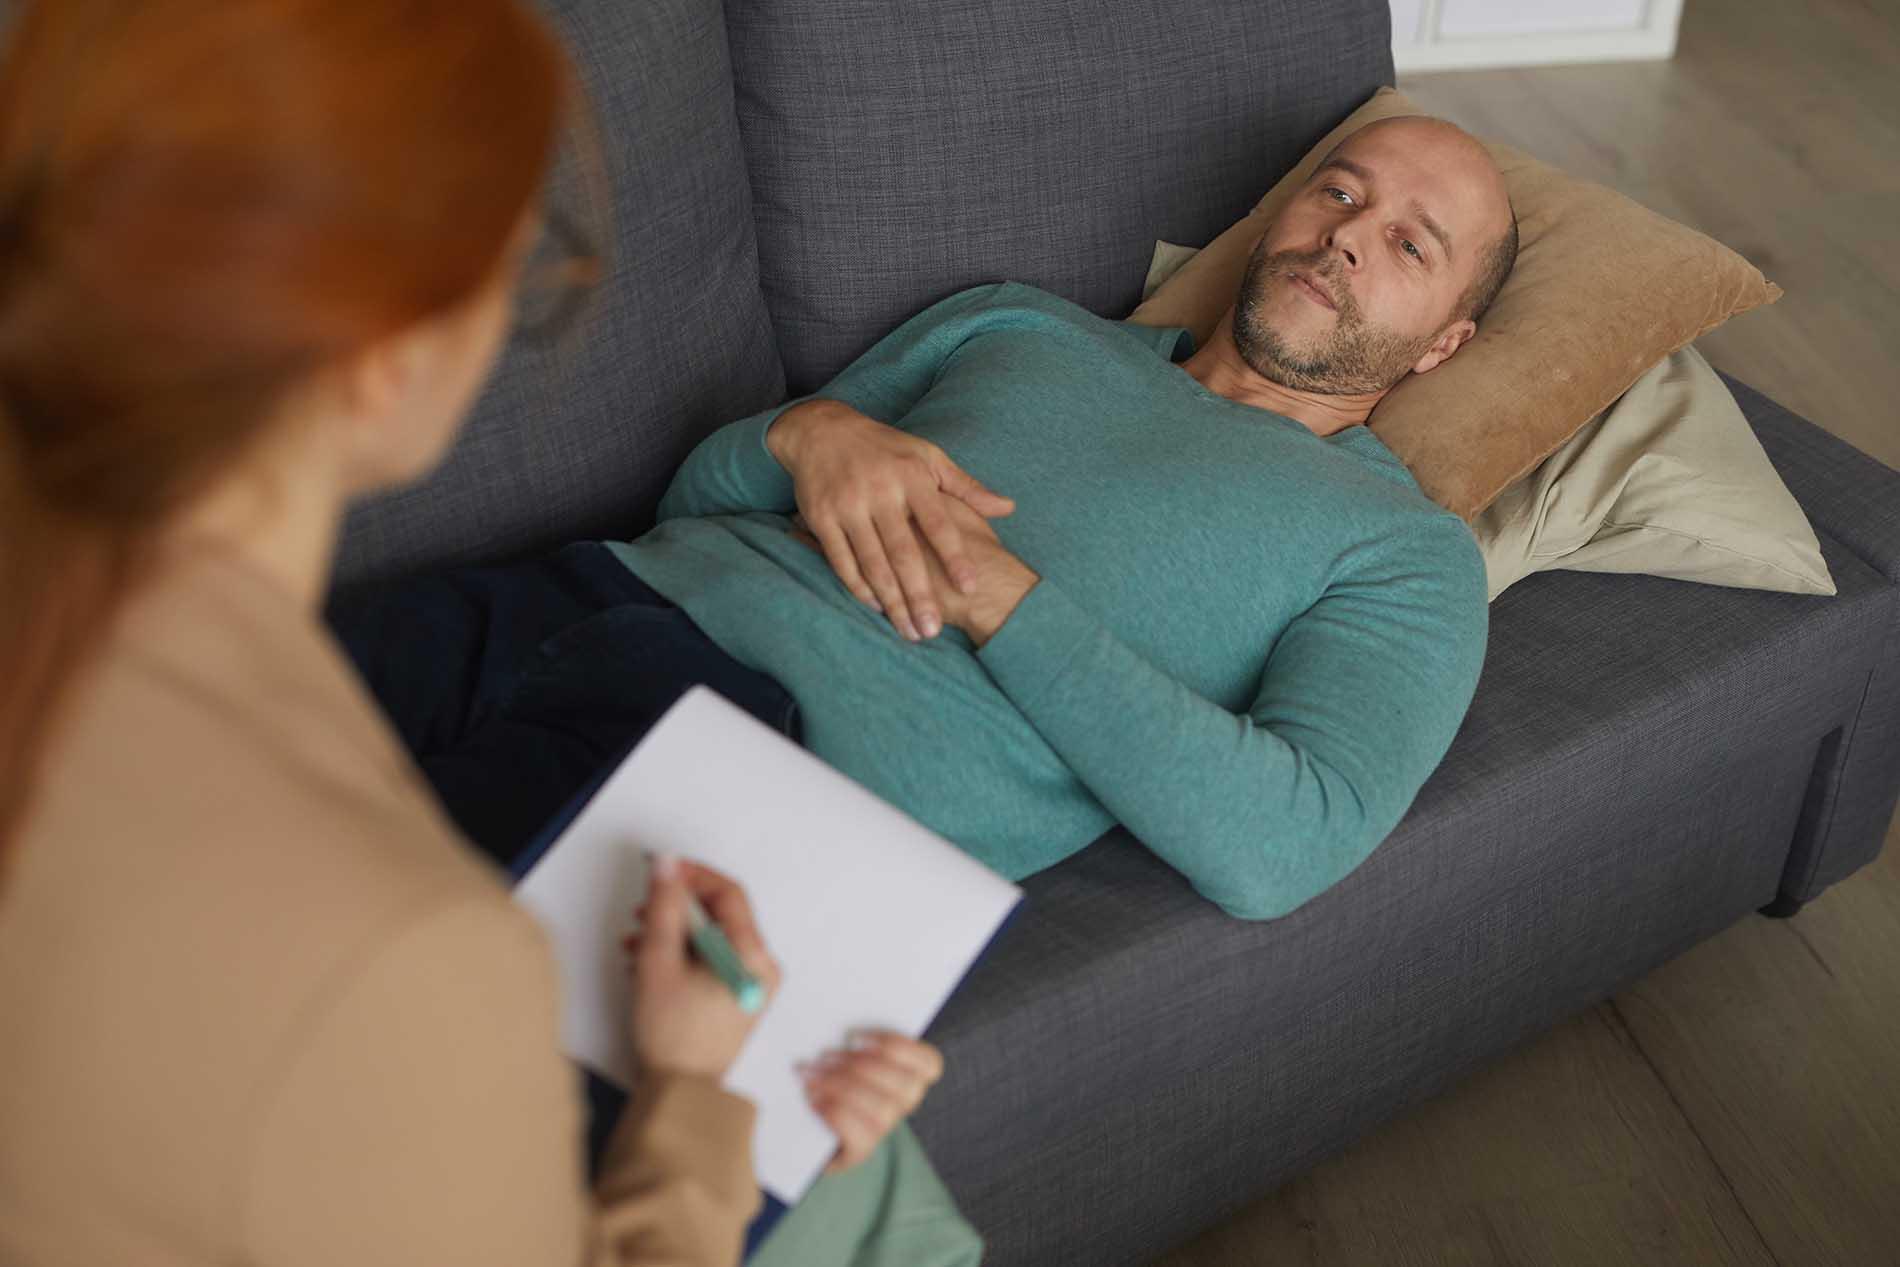 man-talking-to-psychologist-TNPBKM8.jpg